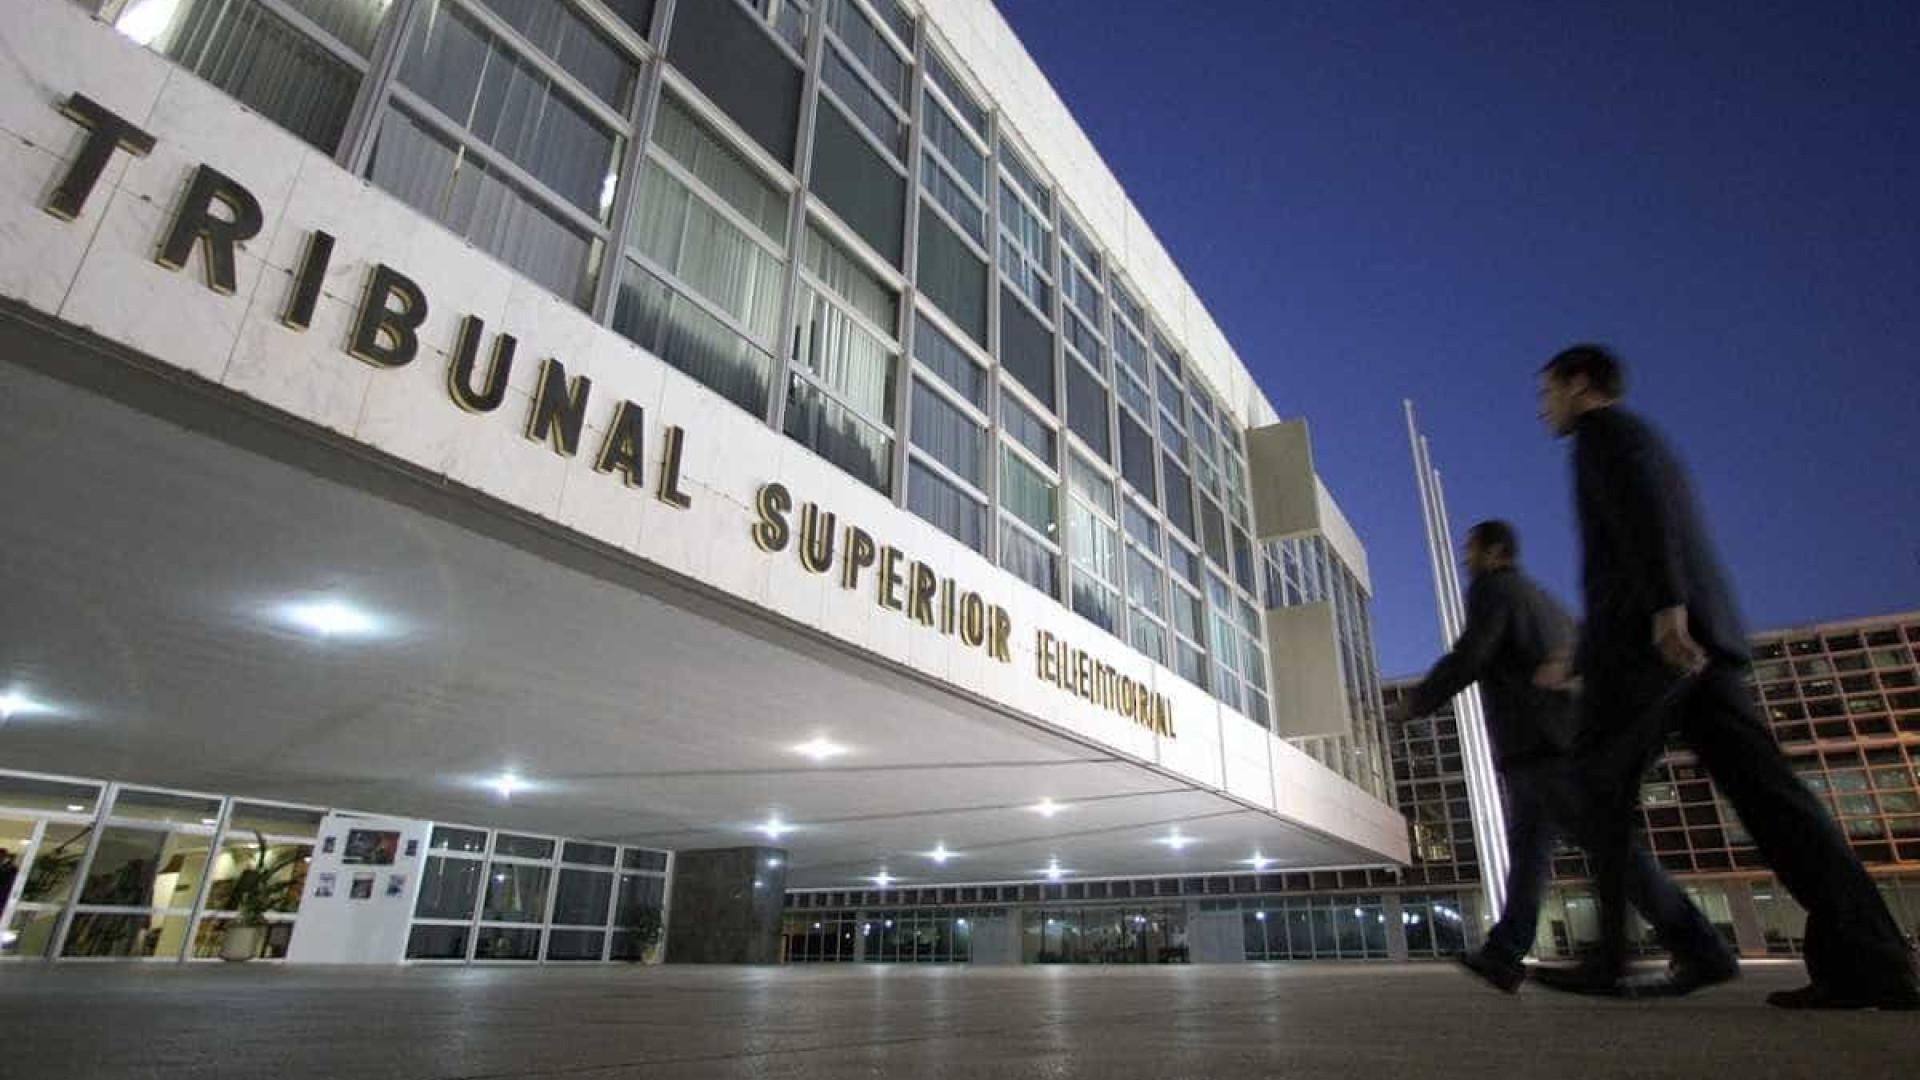 PSDB deve devolver R$ 5,4 mi ao erário, decide ministro do TSE